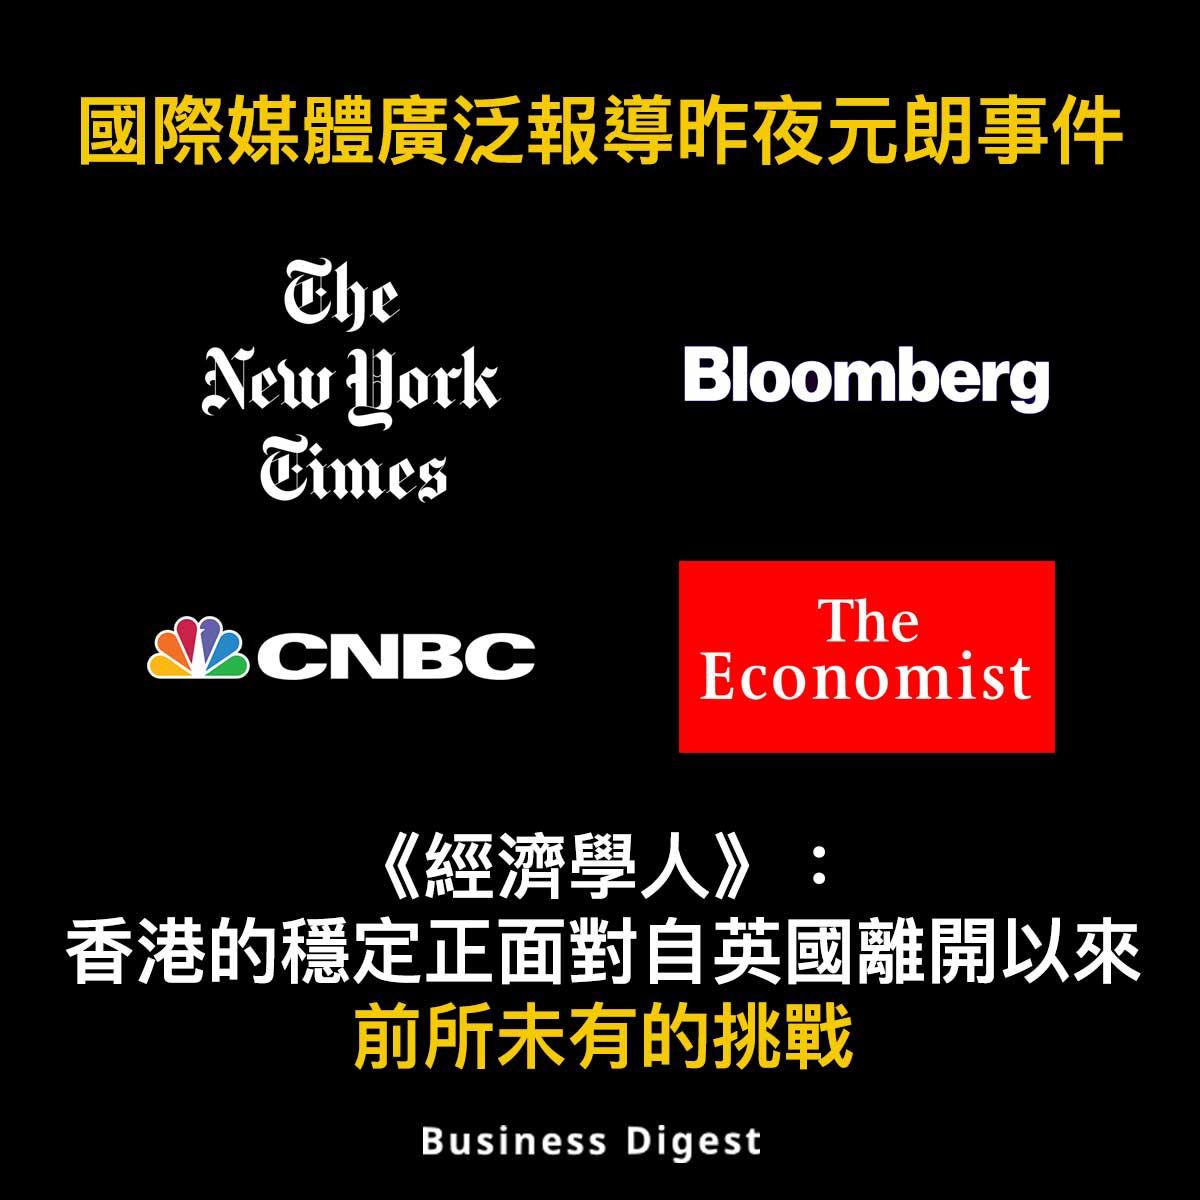 【商業熱話】國際媒體廣泛報導昨夜元朗事件